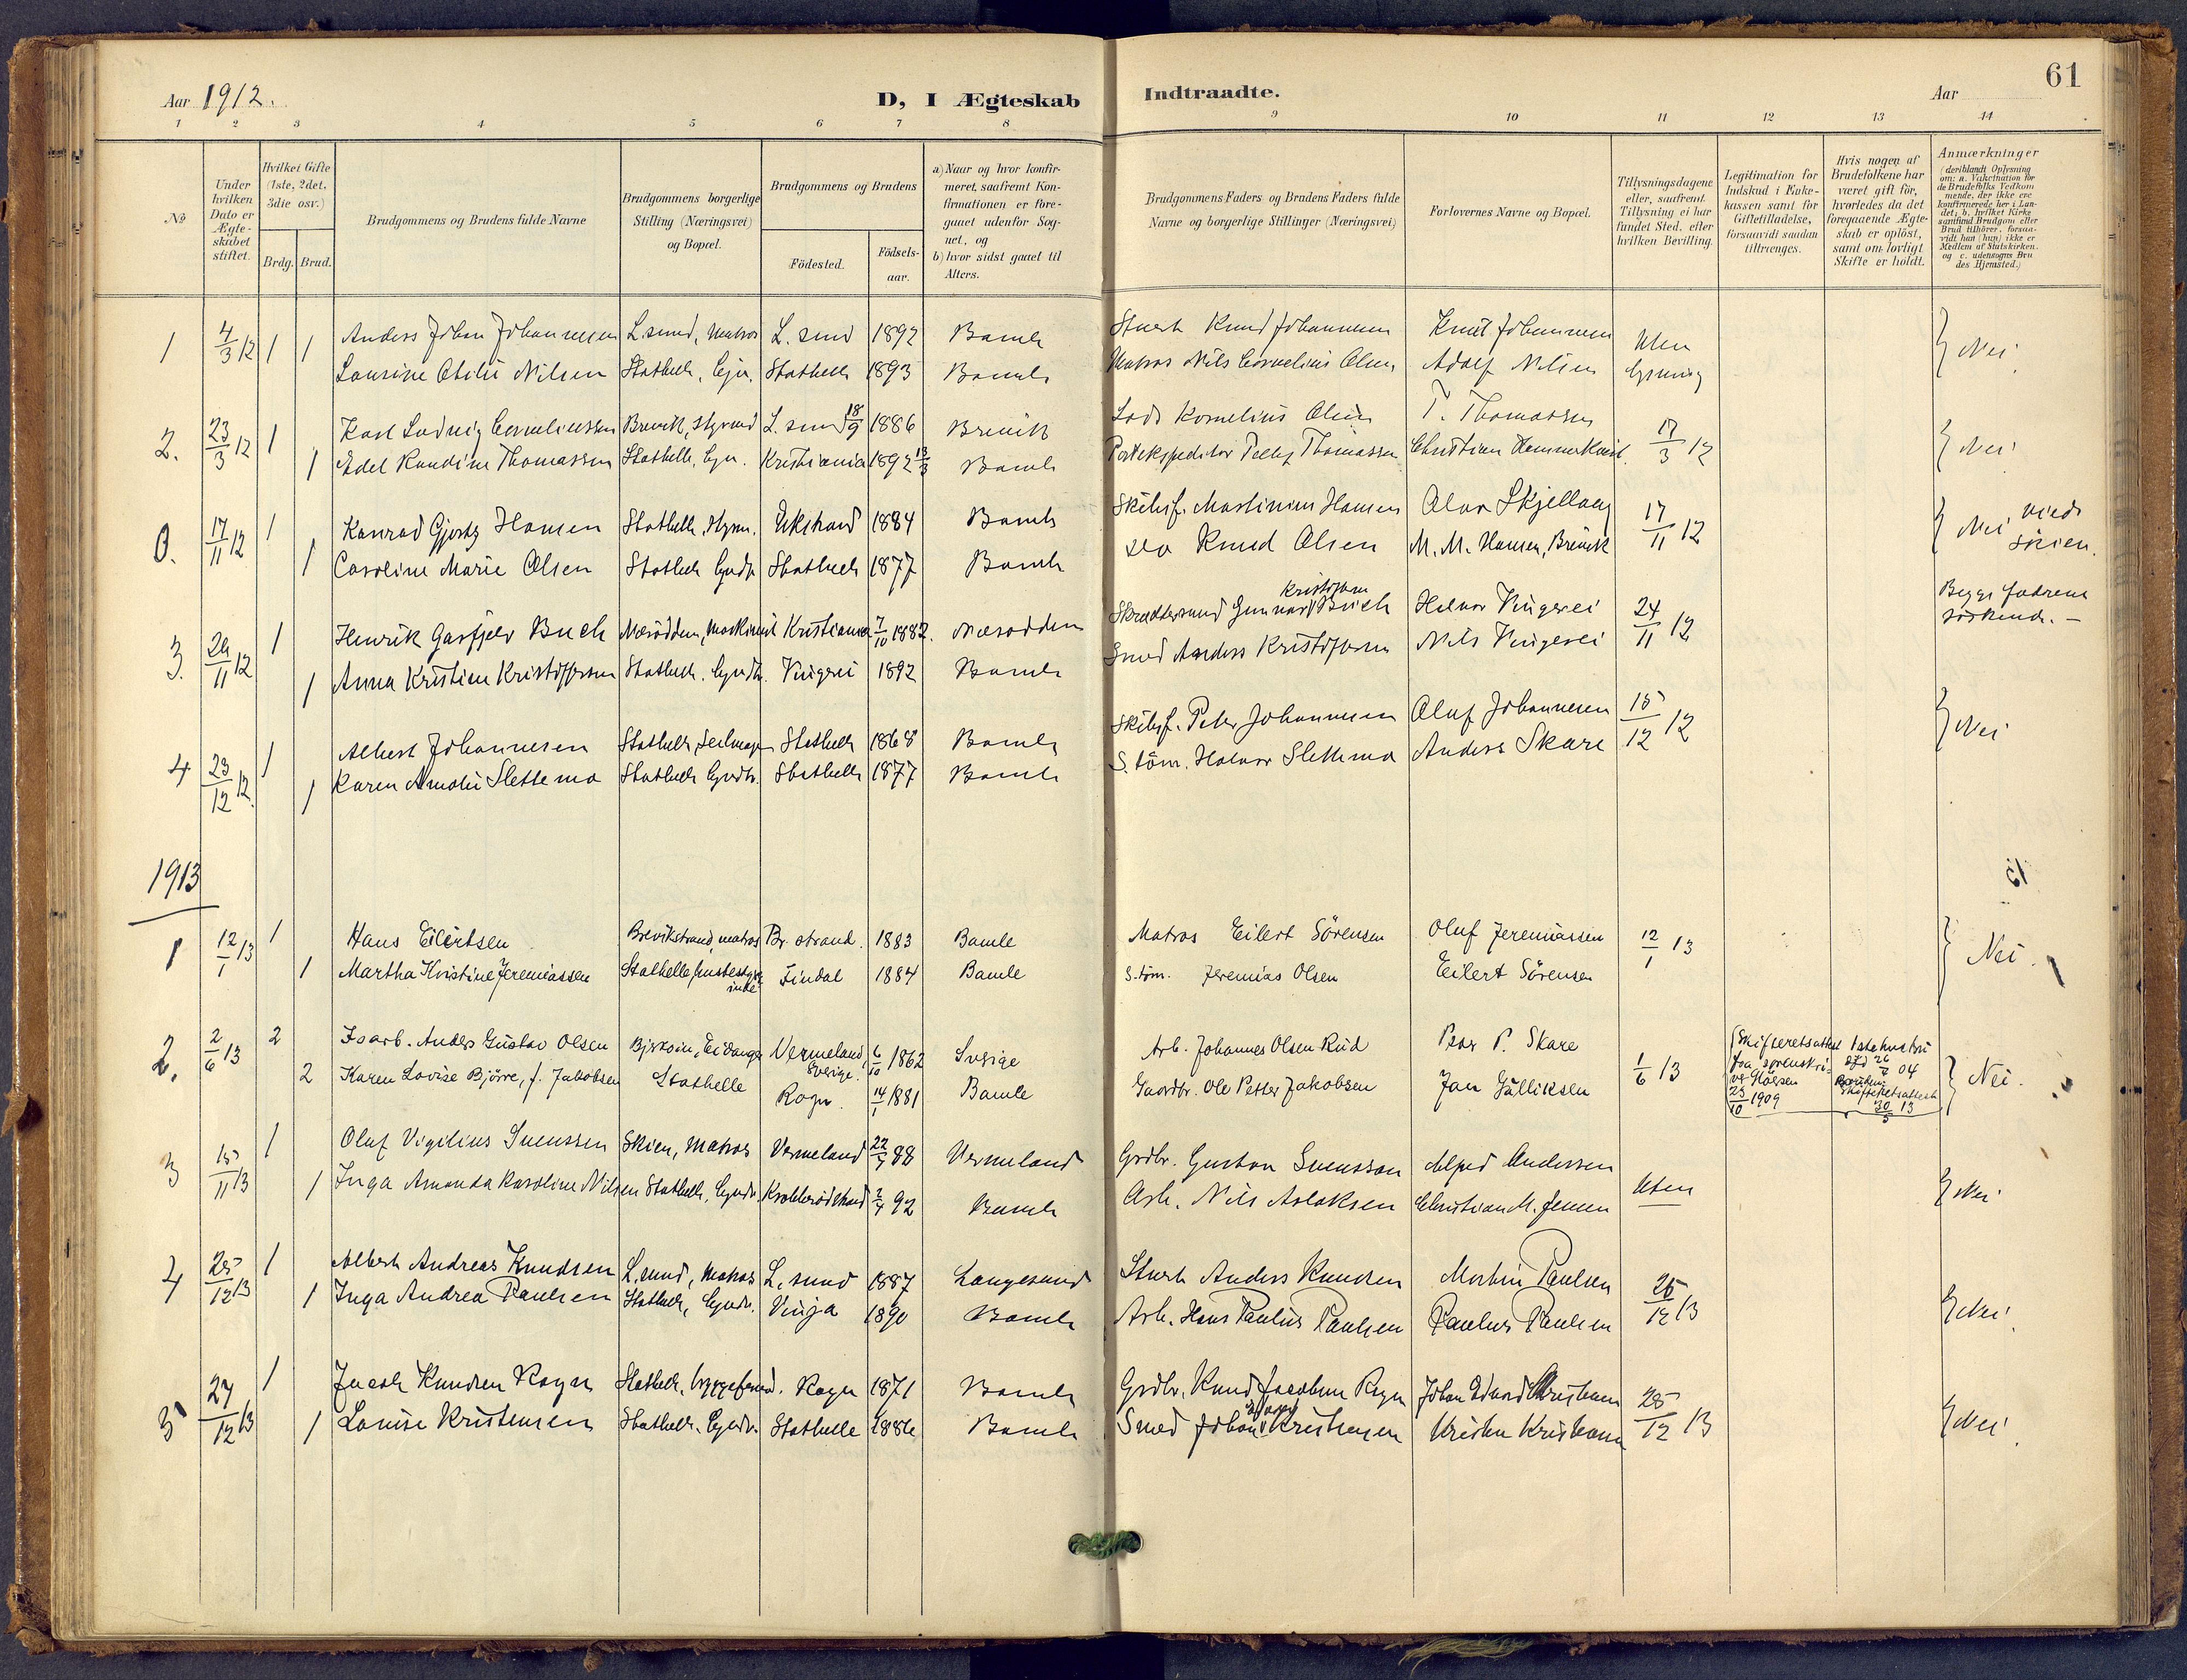 SAKO, Bamble kirkebøker, F/Fb/L0002: Ministerialbok nr. II 2, 1900-1921, s. 61